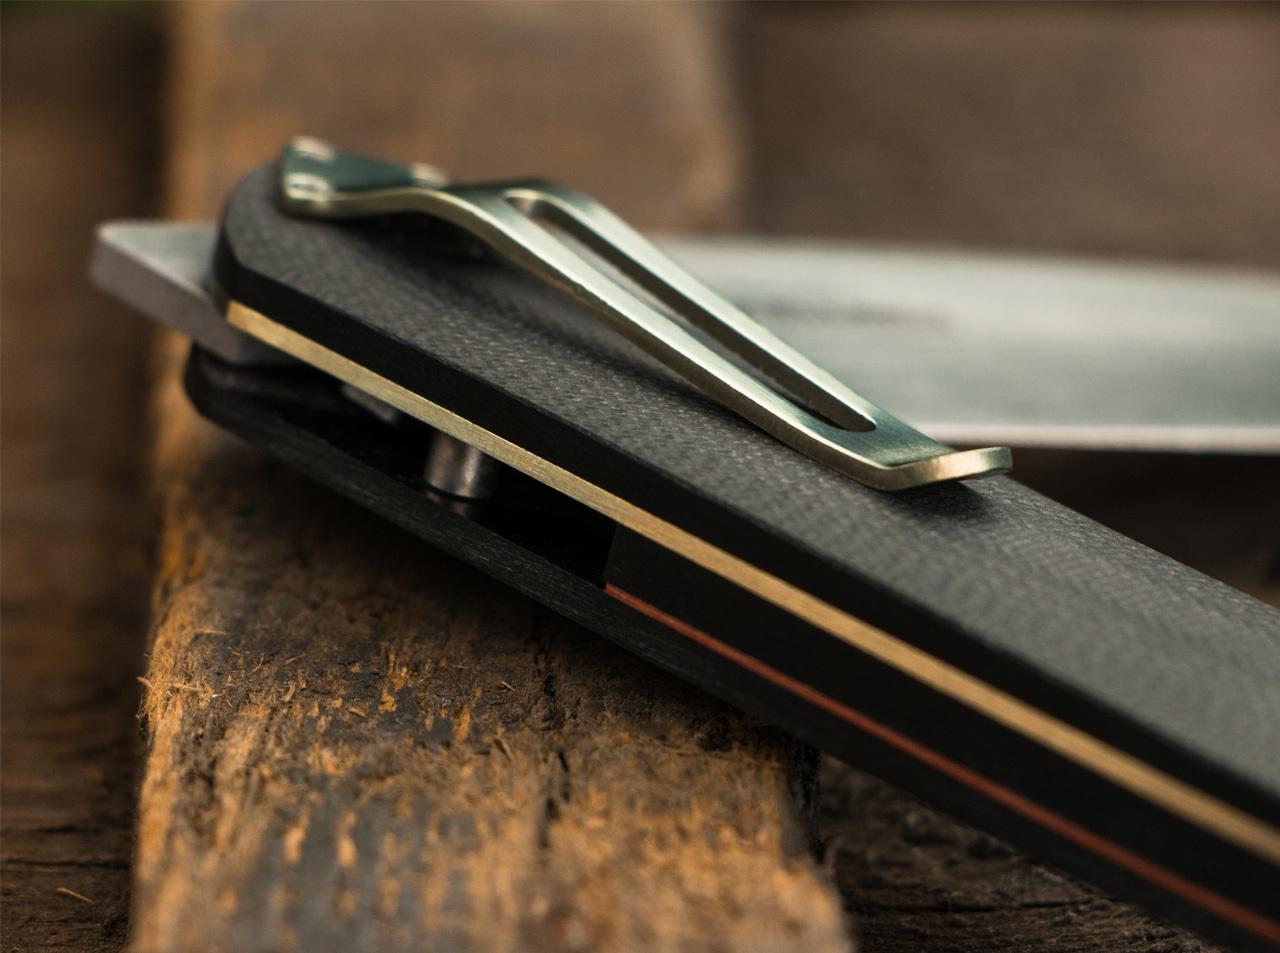 Фото 13 - Складной нож Exskelibur 1 VG-10, Boker Plus 01BO032, сталь VG-10 Satin Plain, рукоять стеклотекстолит G10, чёрный